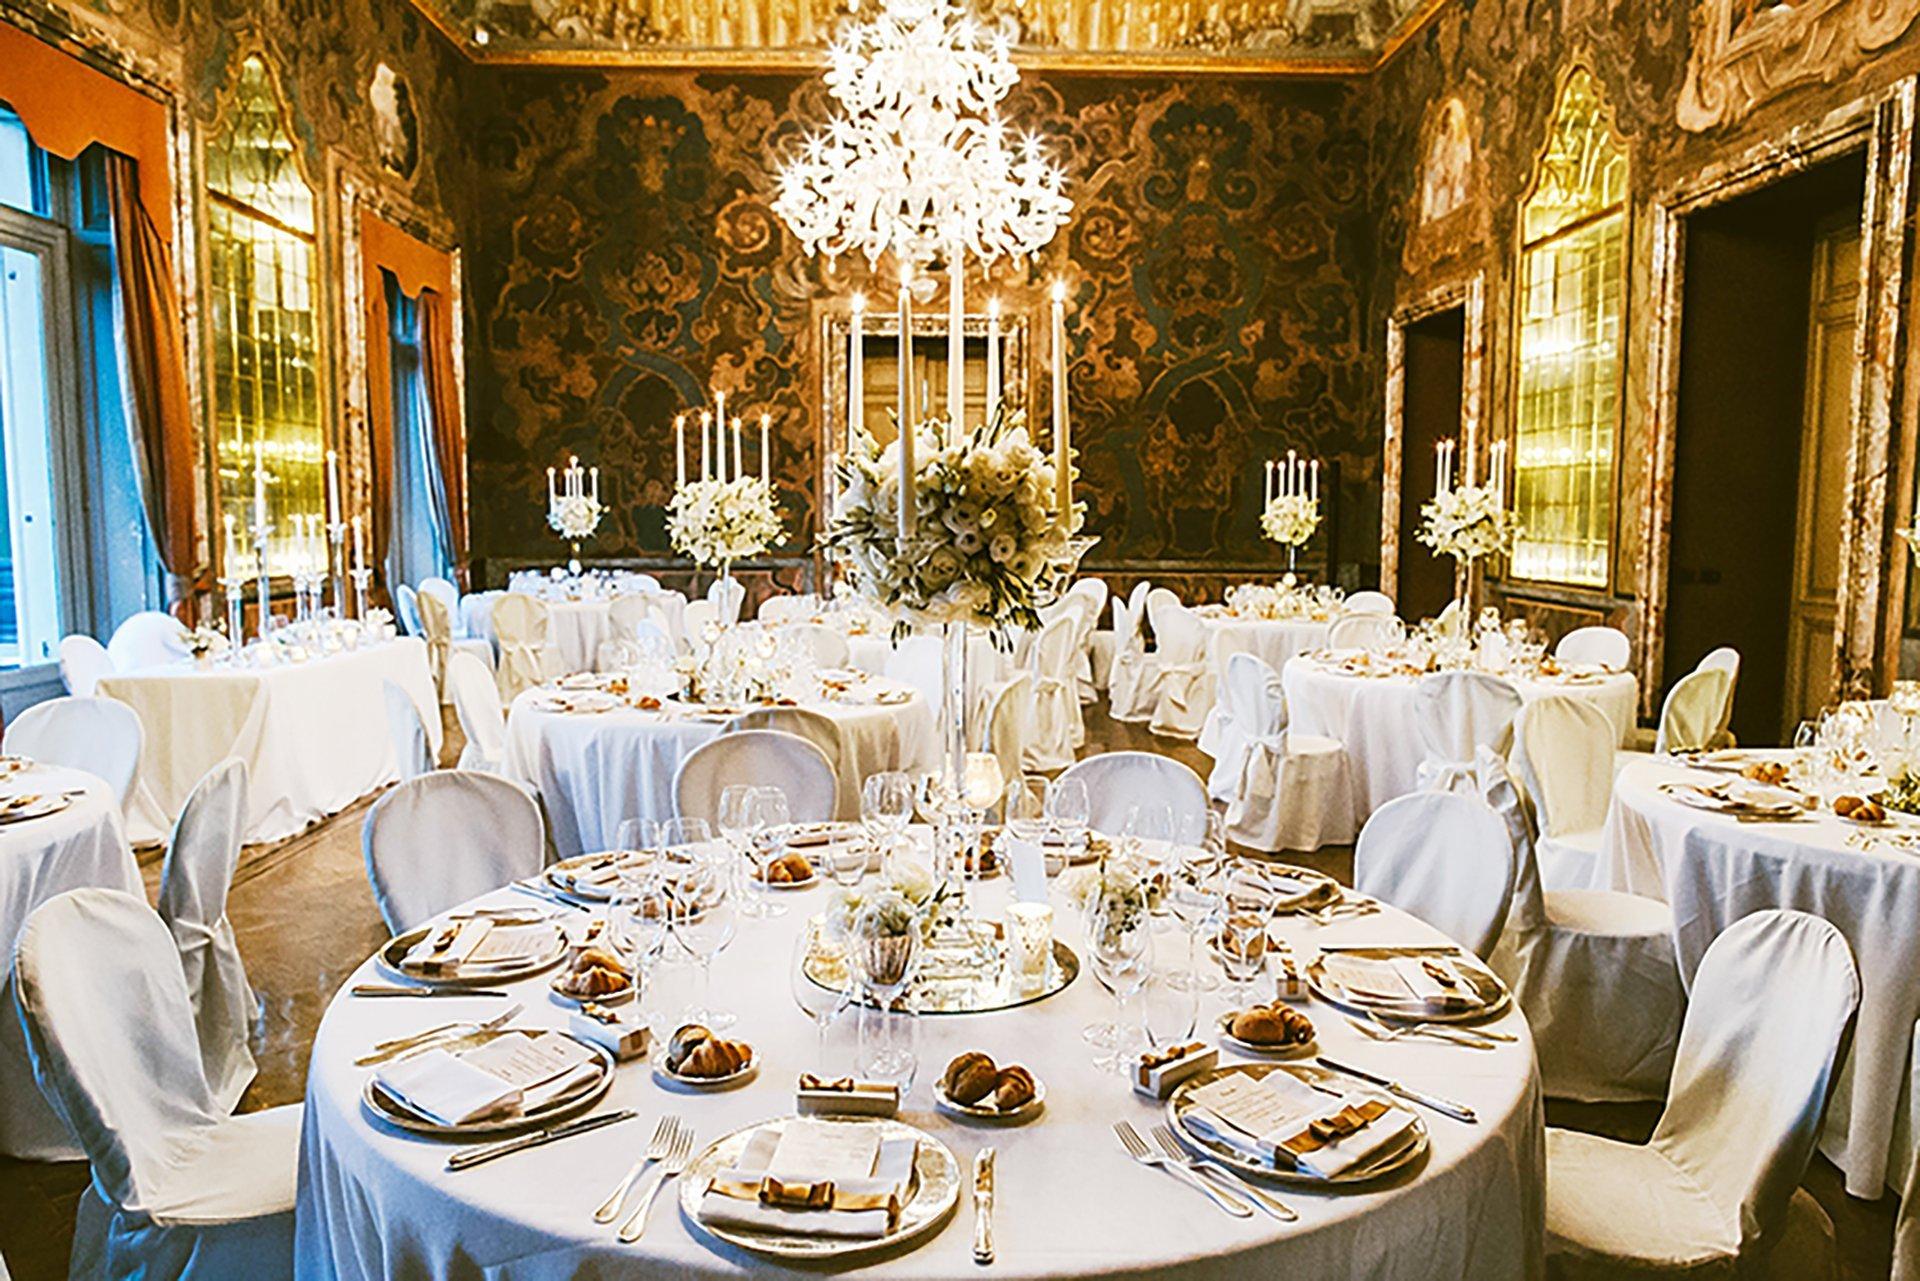 A wonderful wedding at Villa Erba